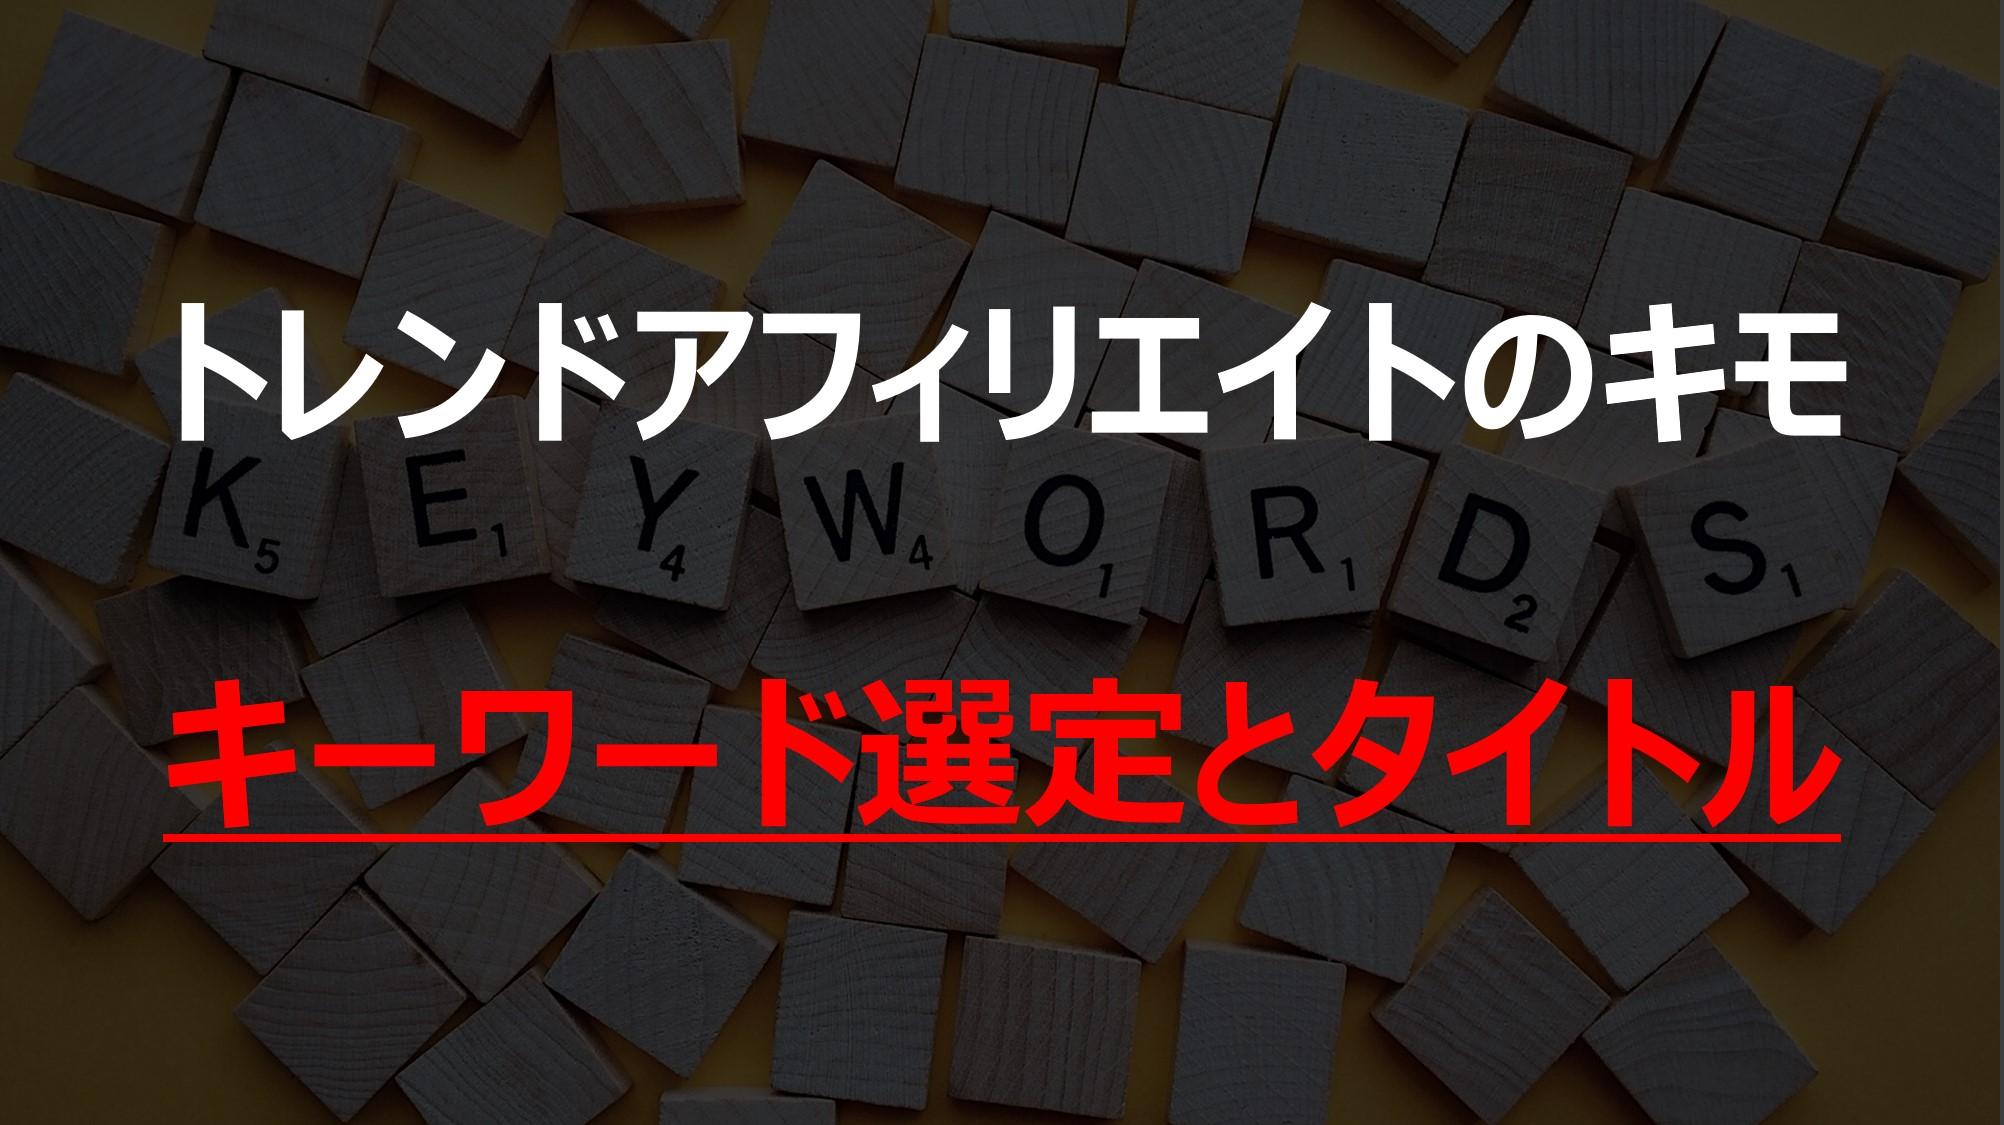 トレンド記事のキーワード選定とタイトル、見出しの作成方法